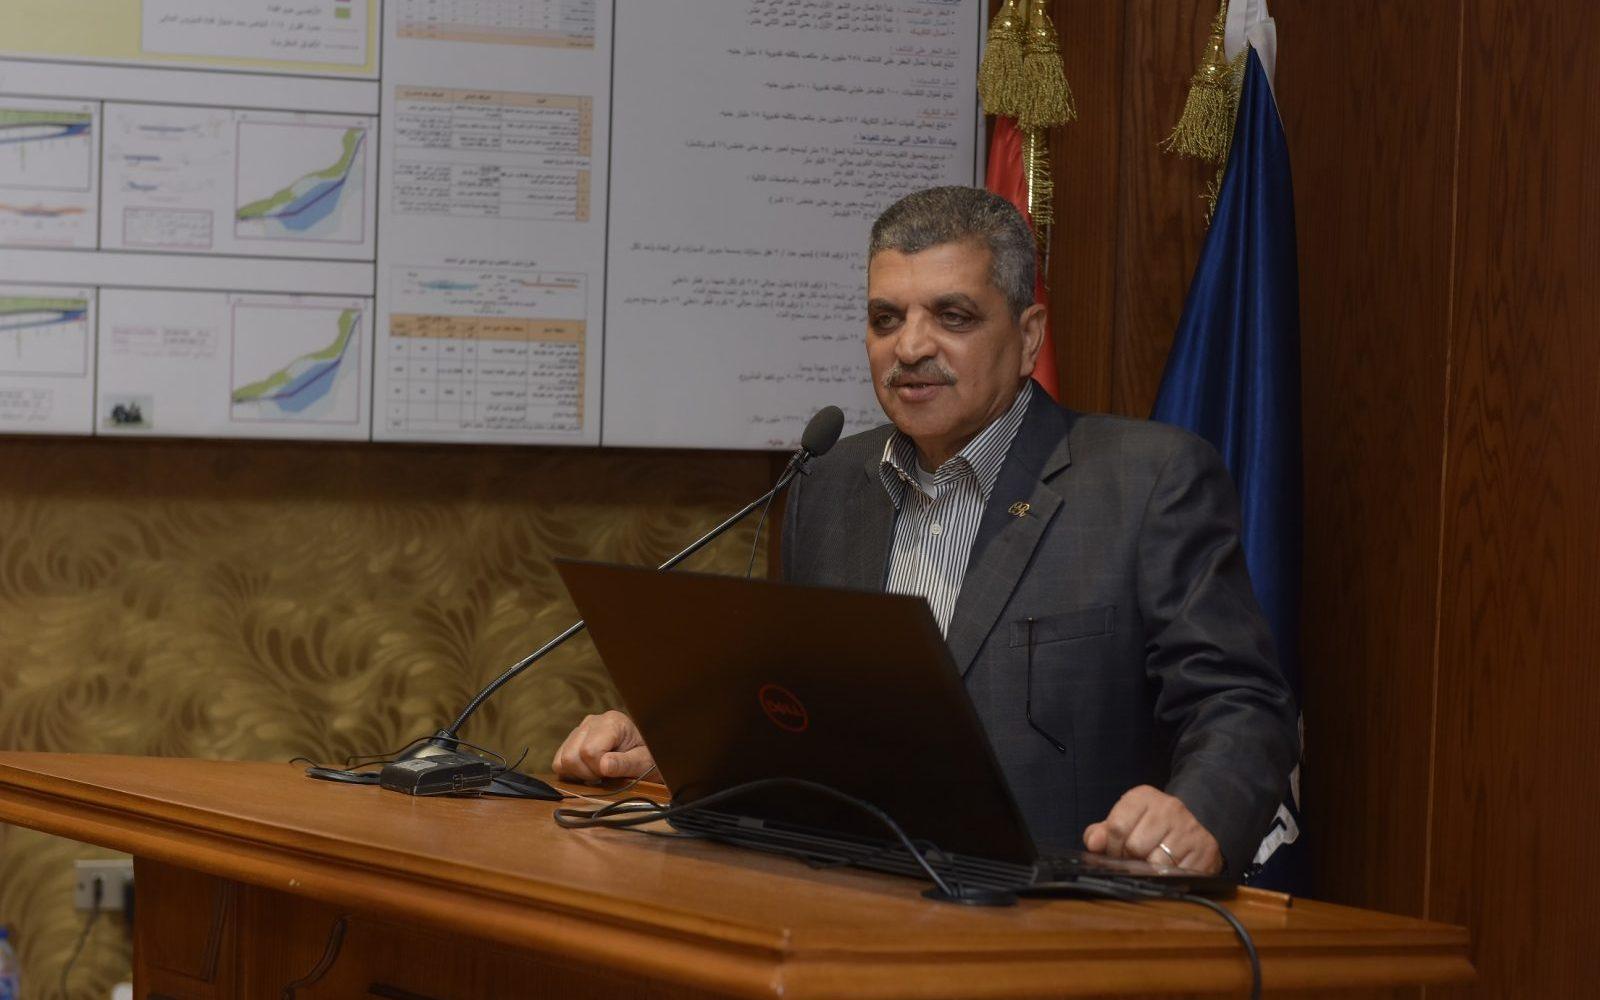 """رئيس قناة السويس يؤكد اتخاذ إجراءات وقائية لمواجهة""""كورونا"""""""